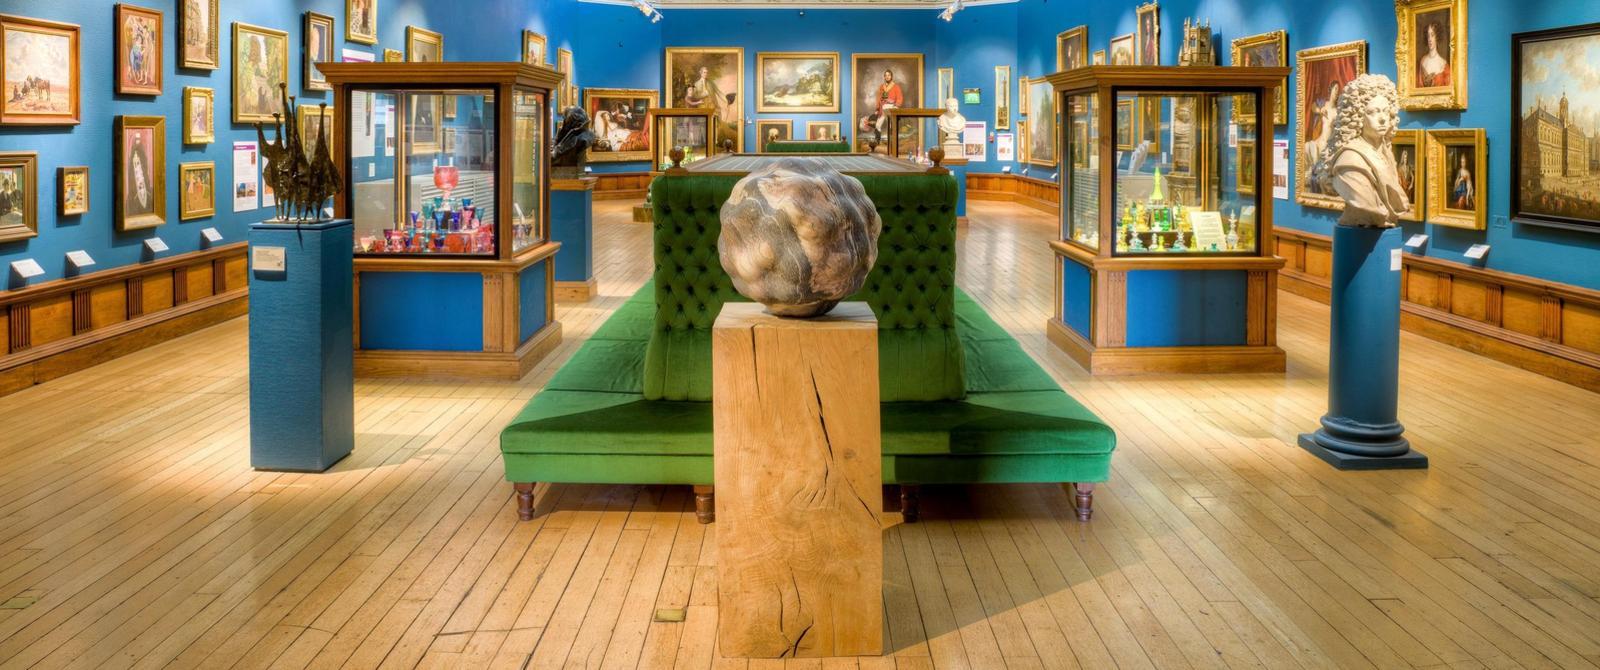 维多利亚艺术画廊